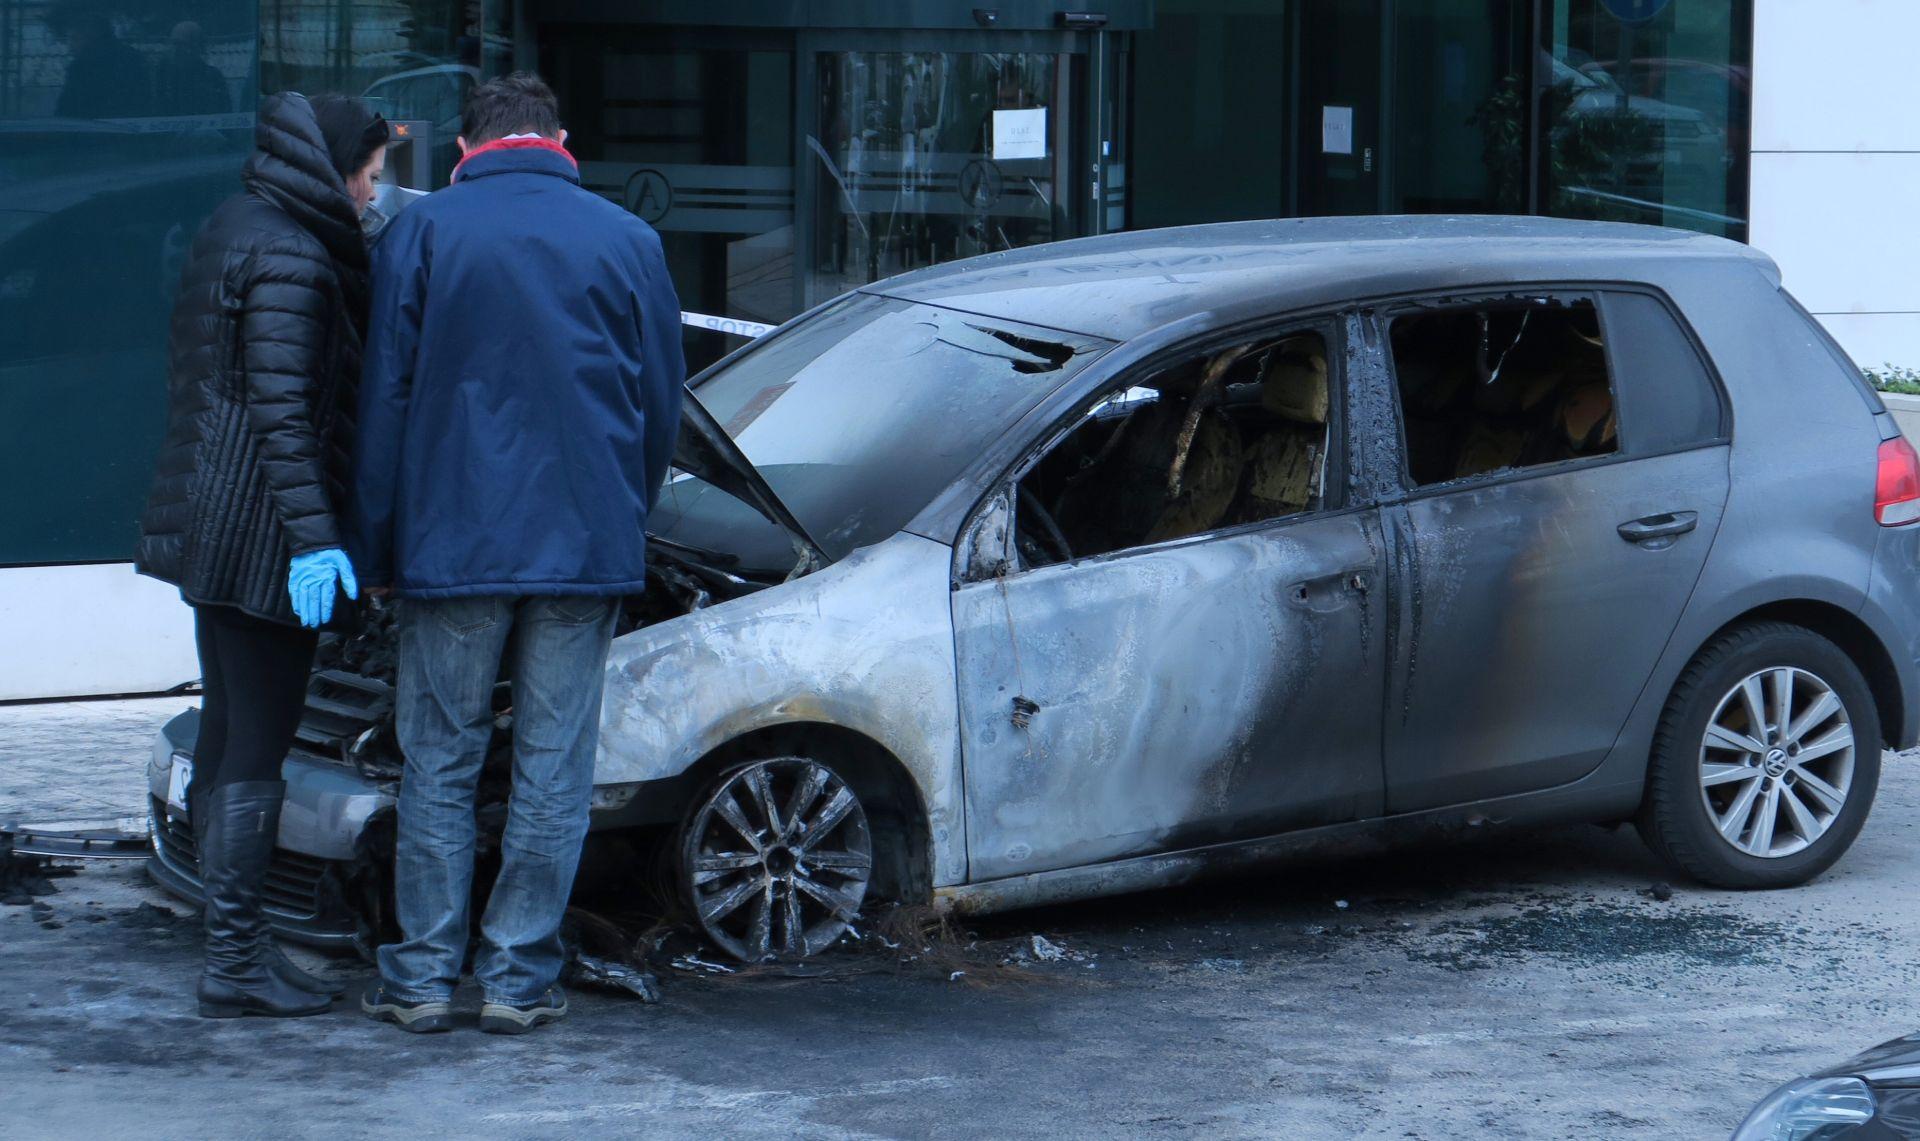 PODMETNUTI POŽARI: U tri dana izgorjela tri automobila u Splitu